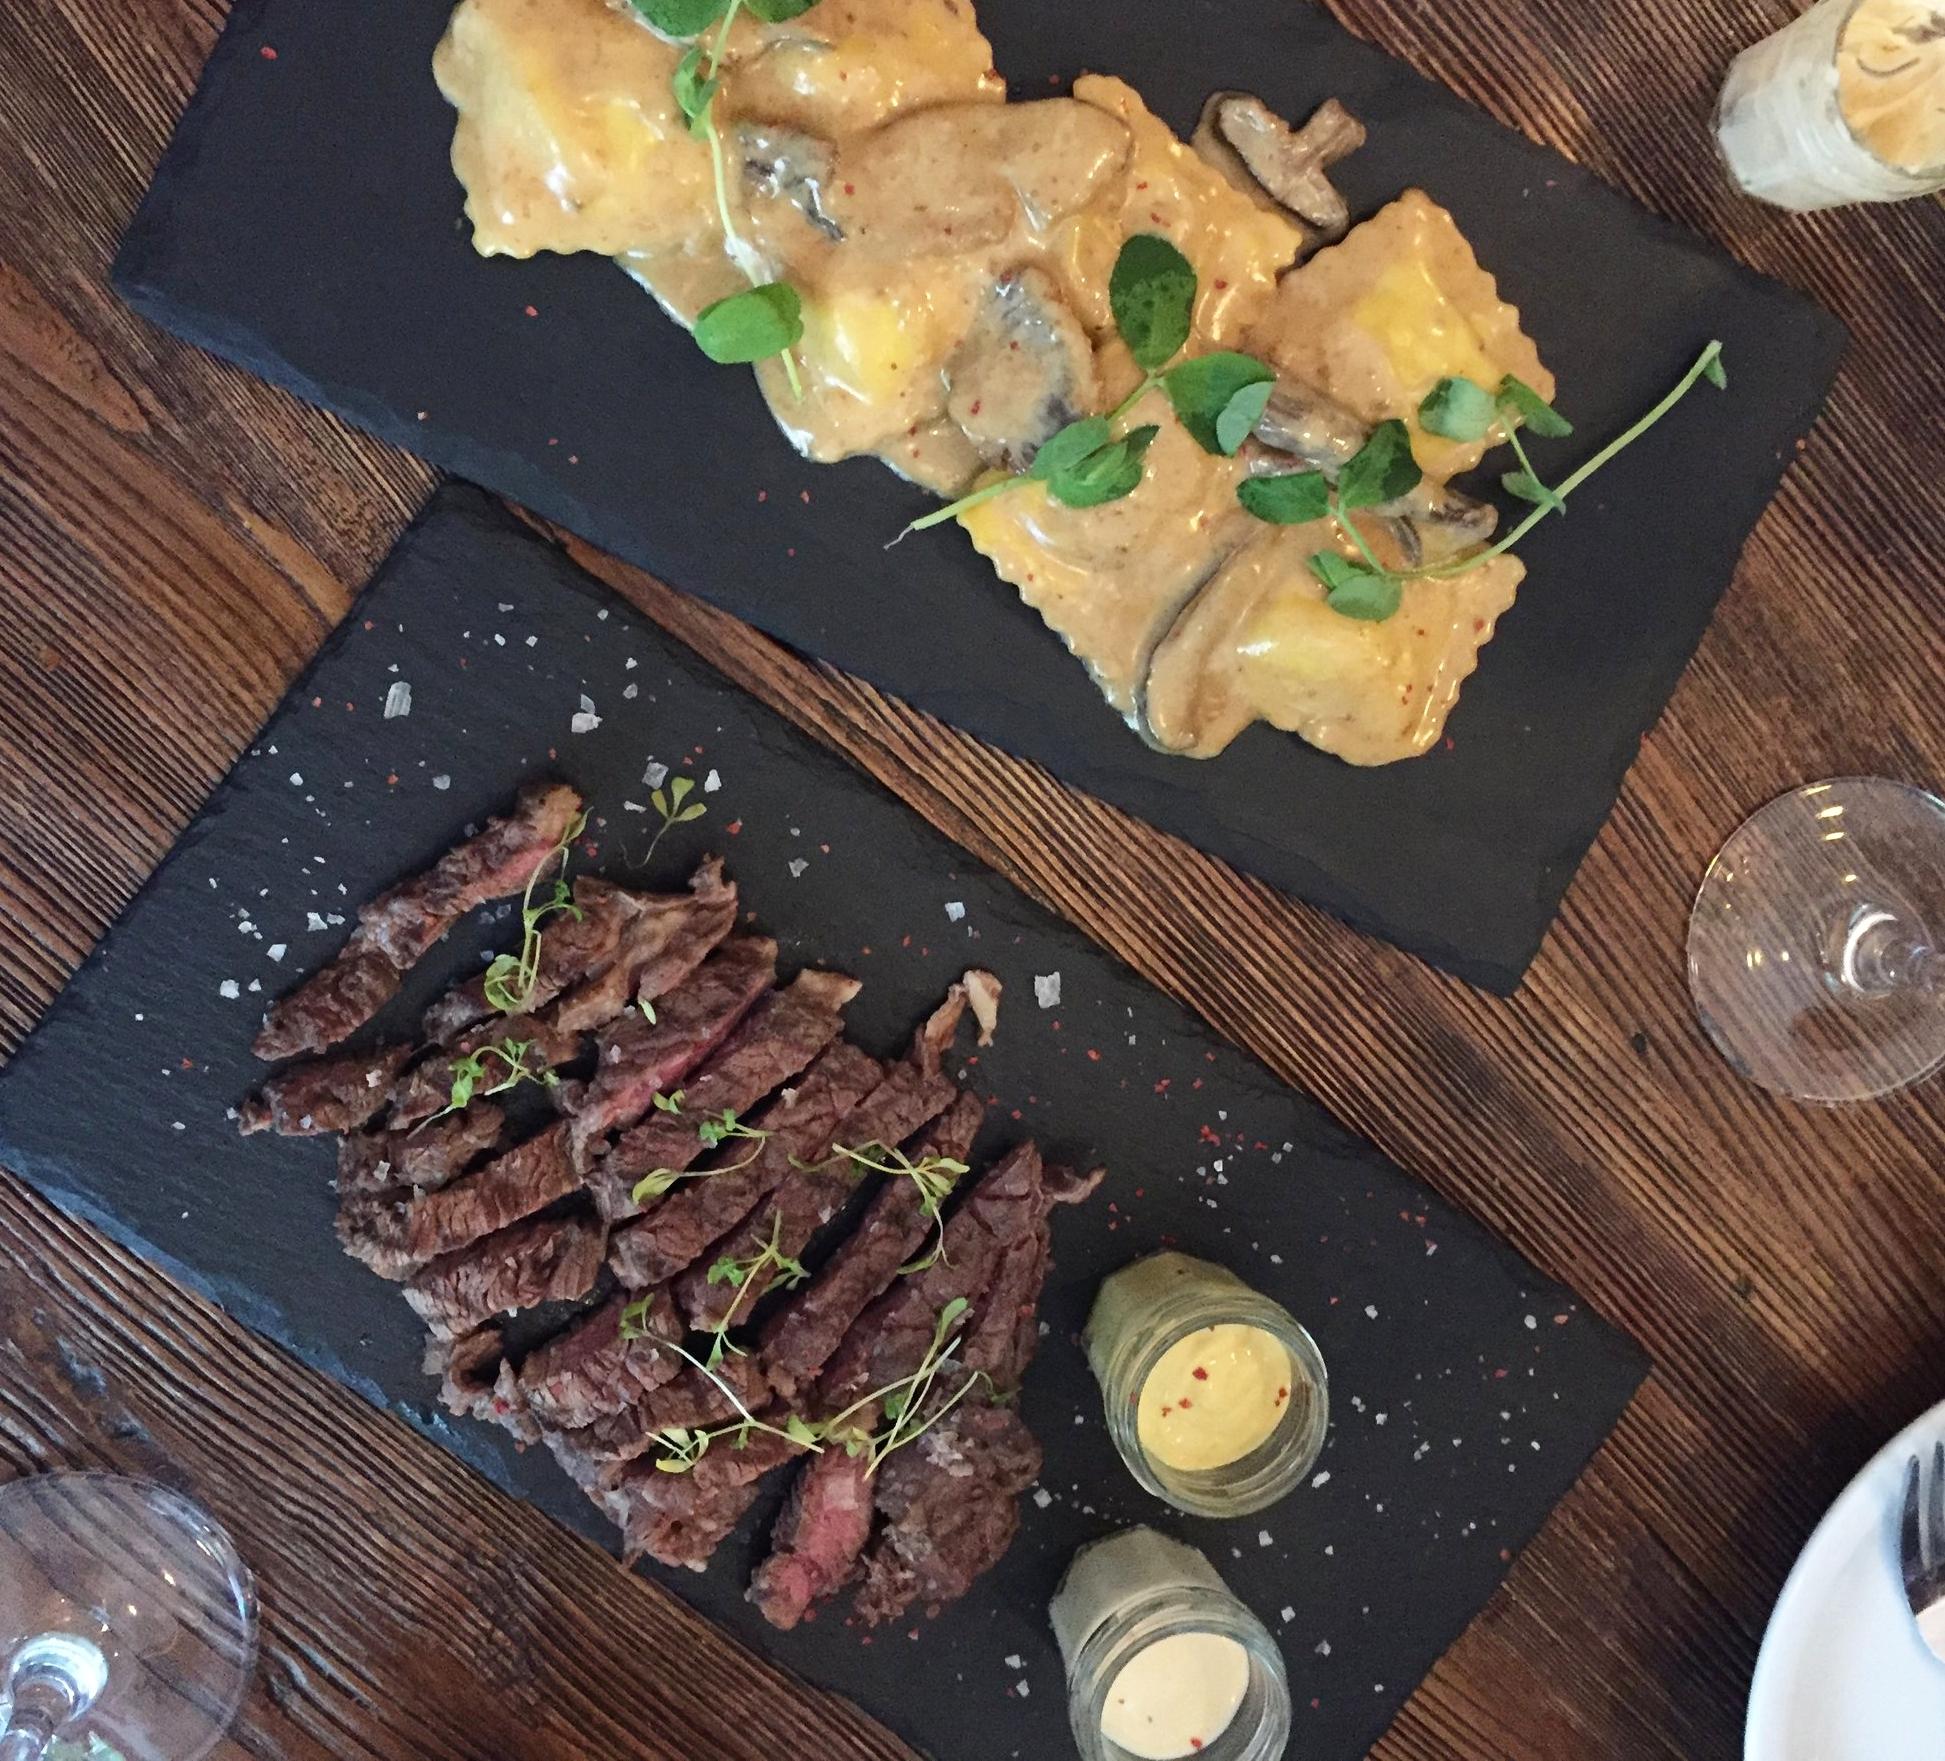 bacino-restaurant-review_36604782261_o.jpg